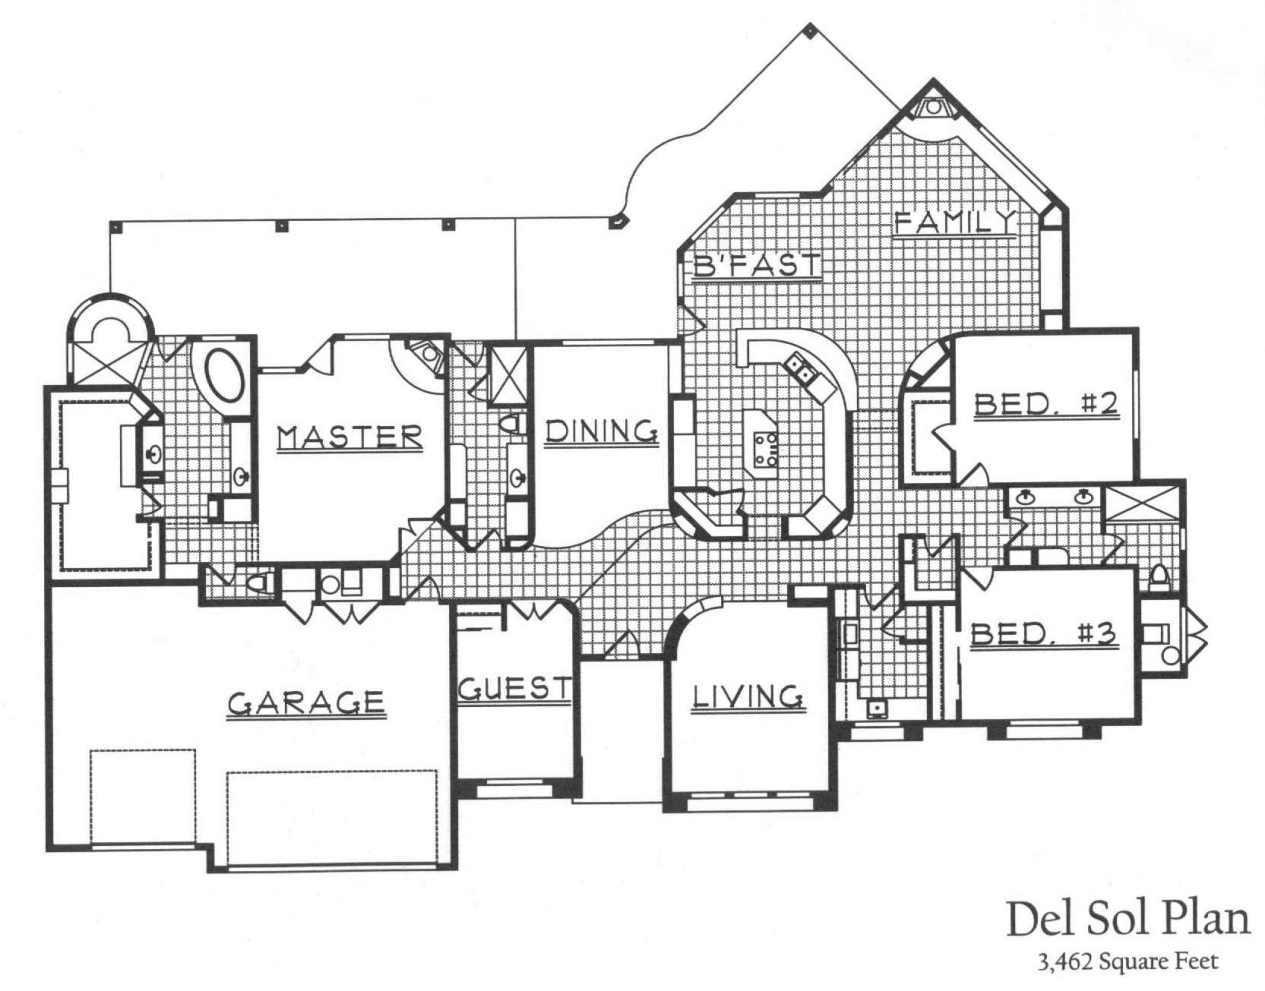 Trs custom builders floor plans for Tucson house plans